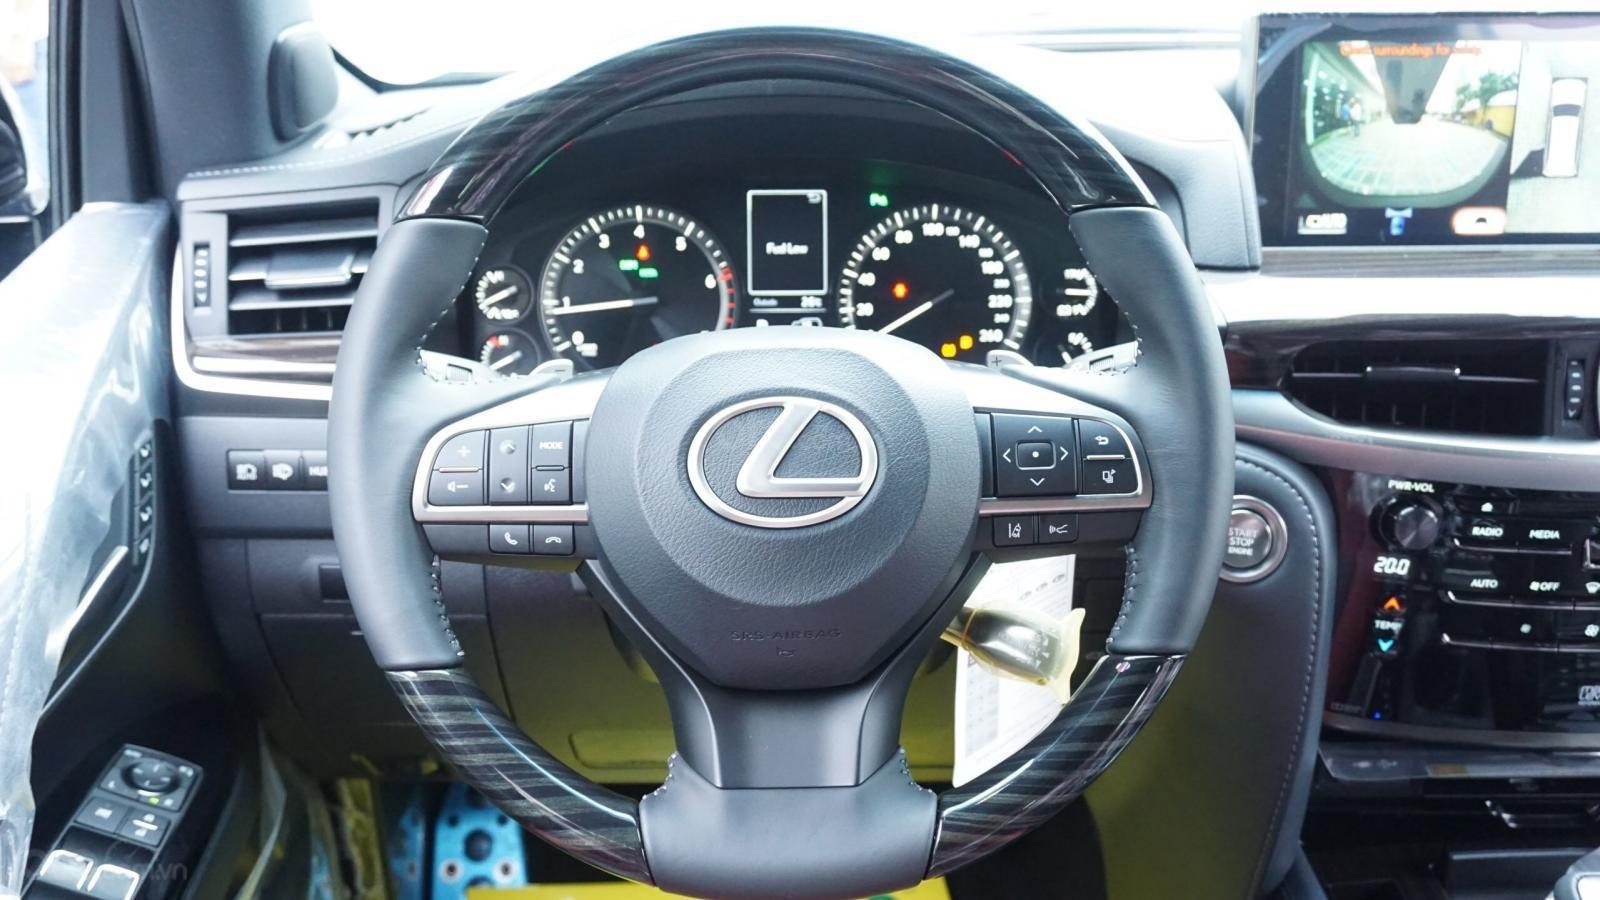 Cần bán xe Lexus LX570 Super Sport 2019 nhập Trung Đông, ngân hàng hỗ trợ 80%, LH Em Lộc: 093.798.2266 (16)